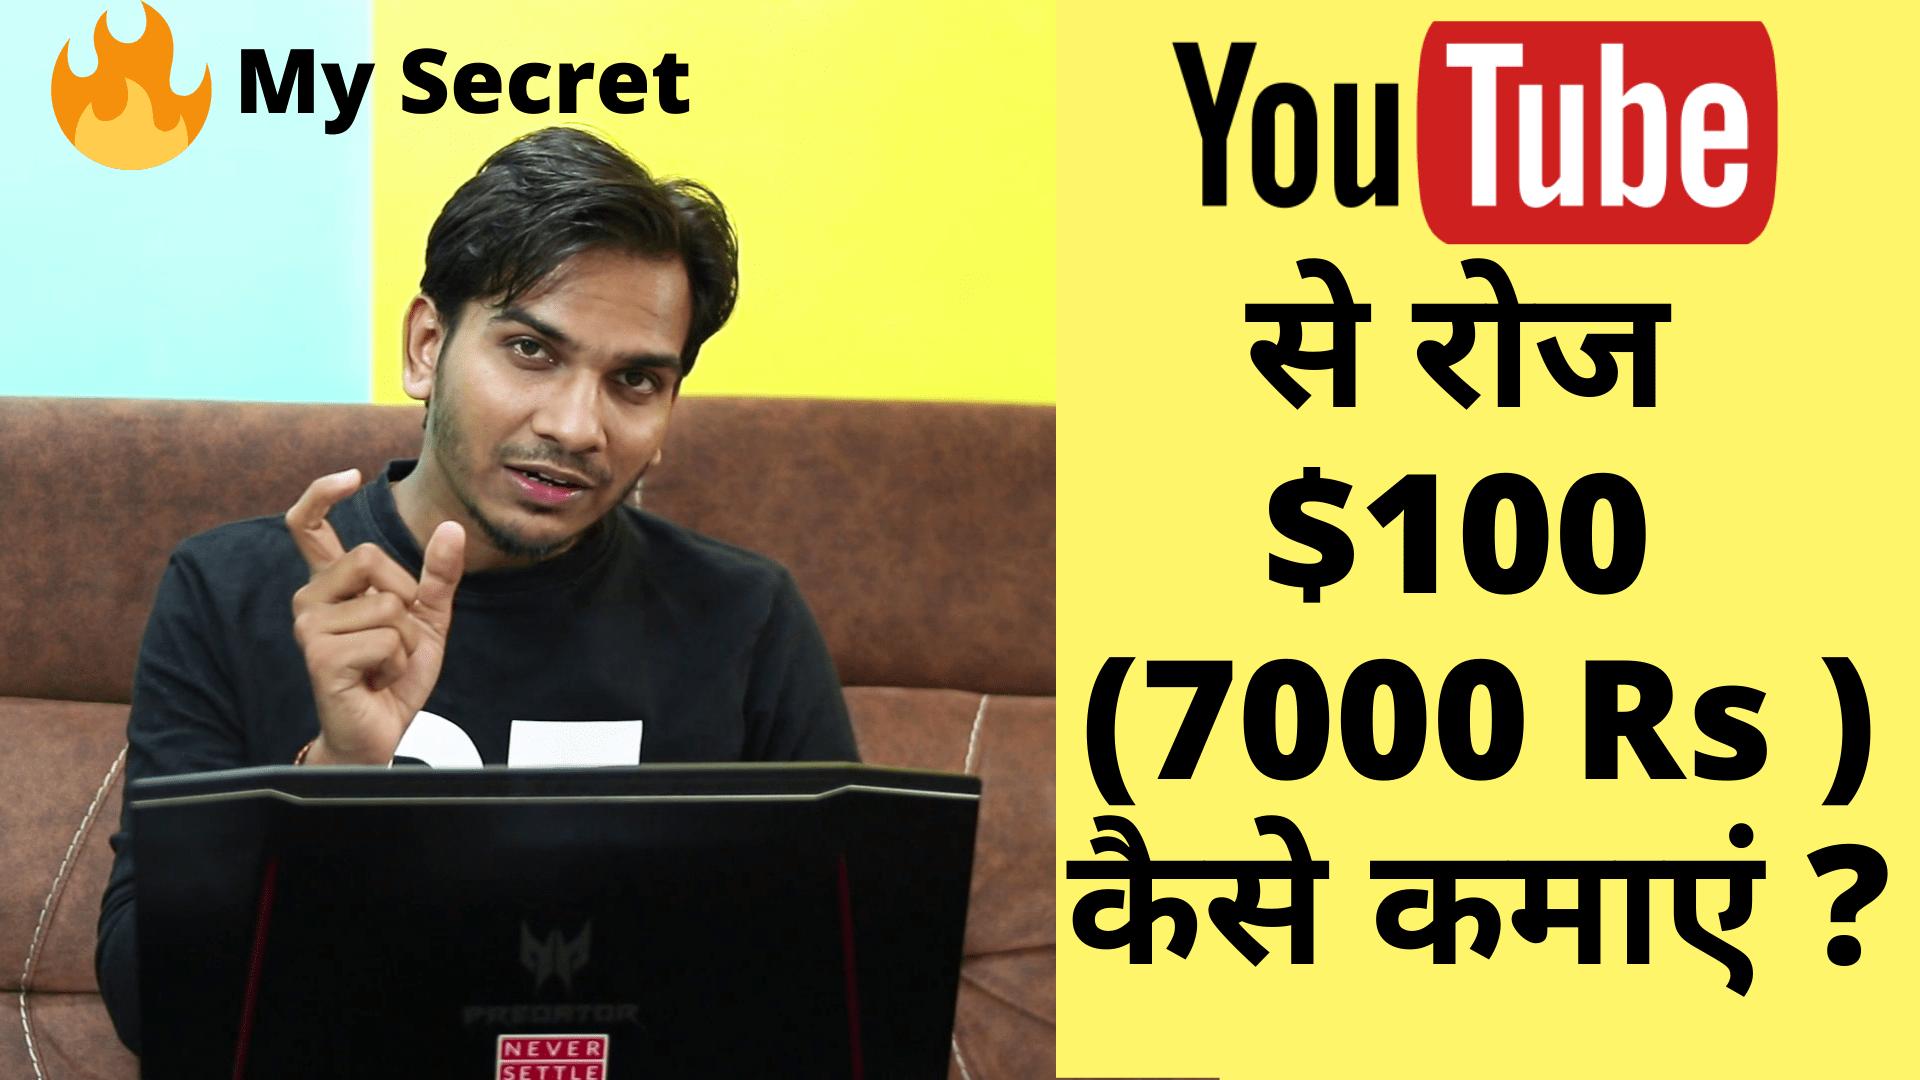 youtube se 100 dollar roj kaise kamaye